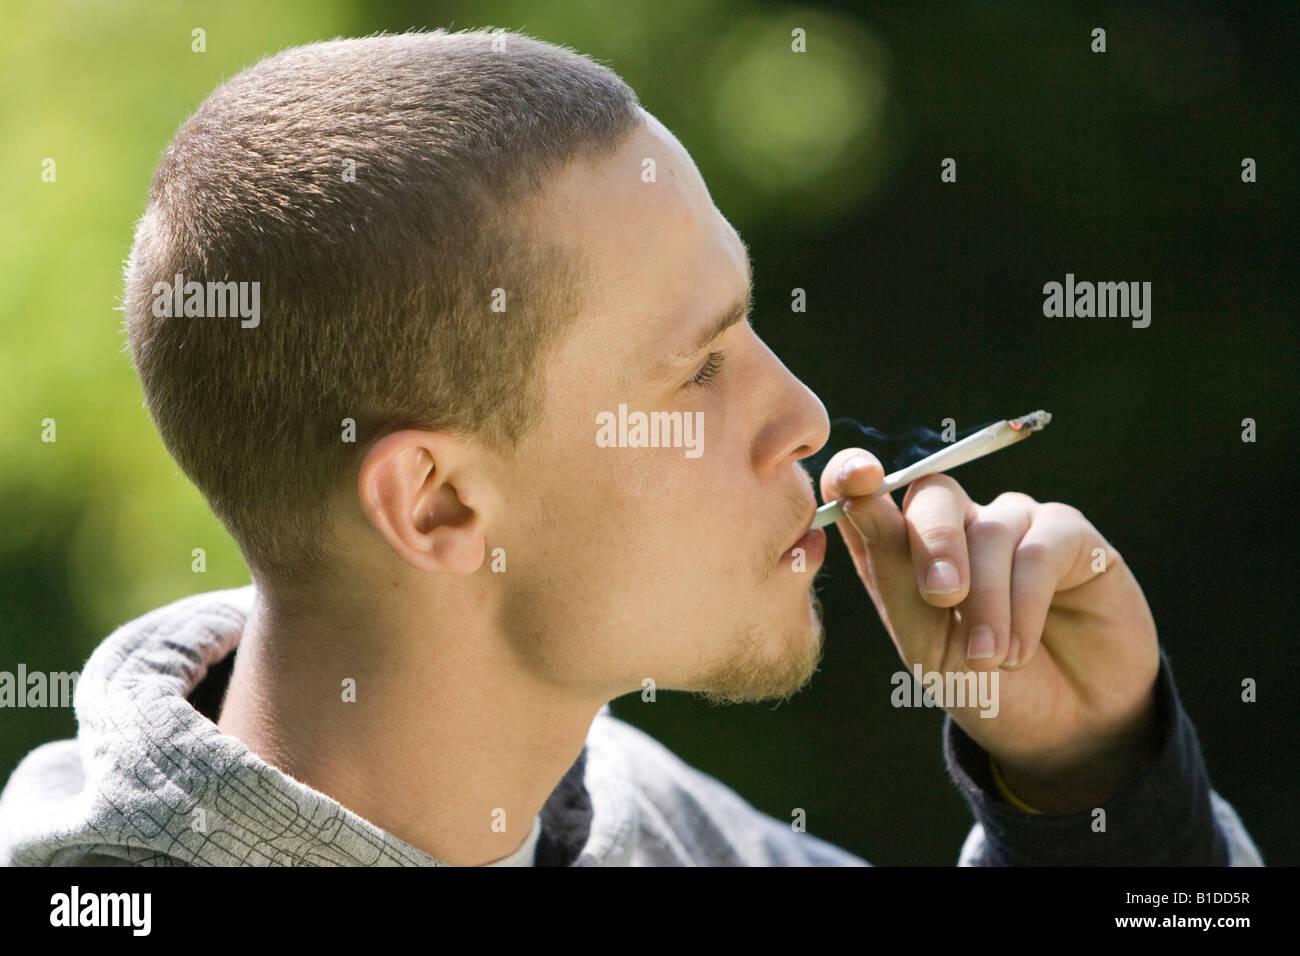 Giovane uomo Sigaretta fumare al di fuori Immagini Stock